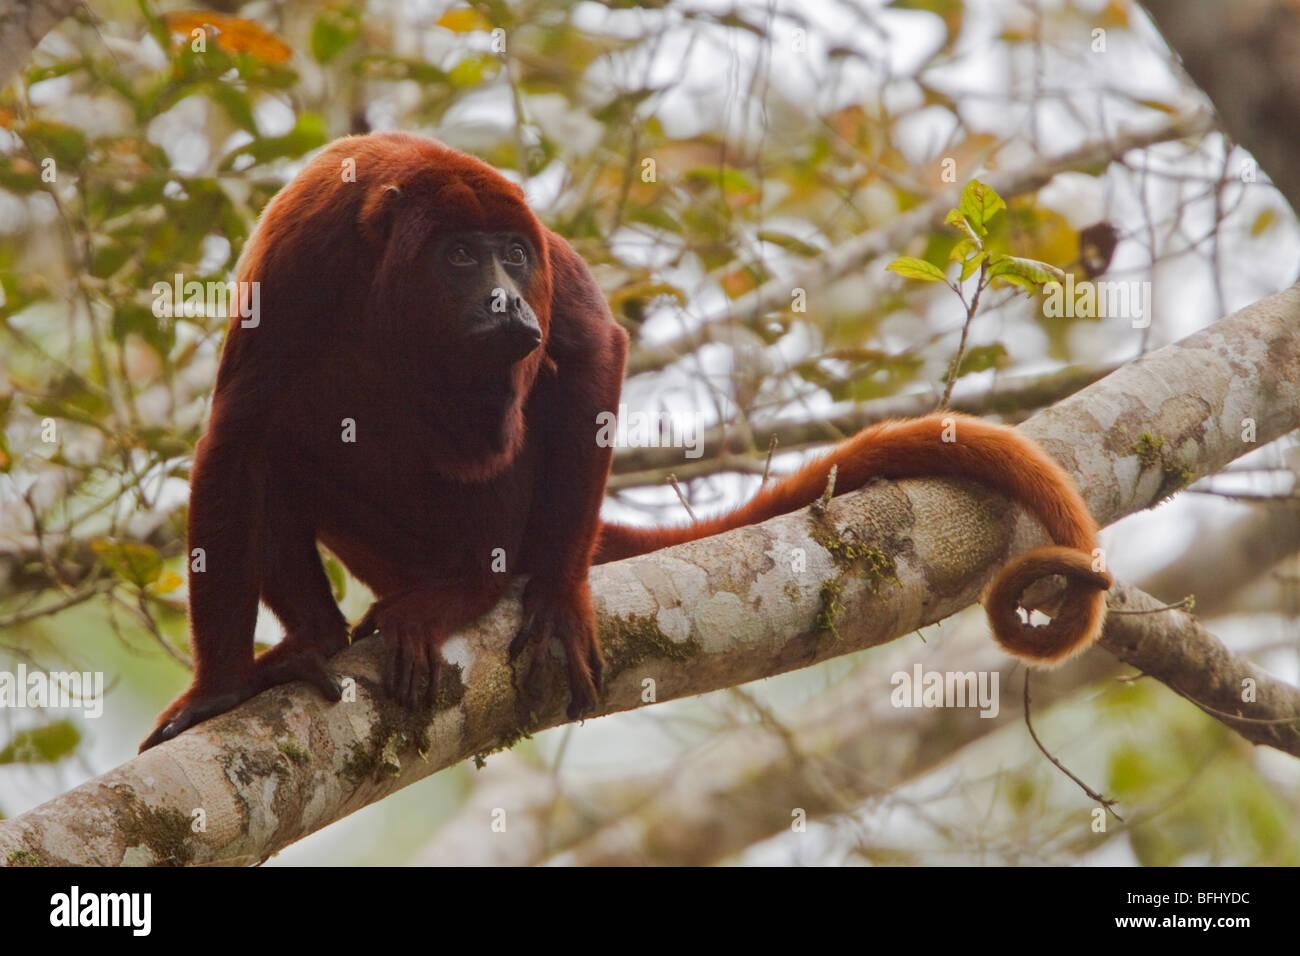 Un singe perché dans un arbre en Amazonie équatorienne. Photo Stock